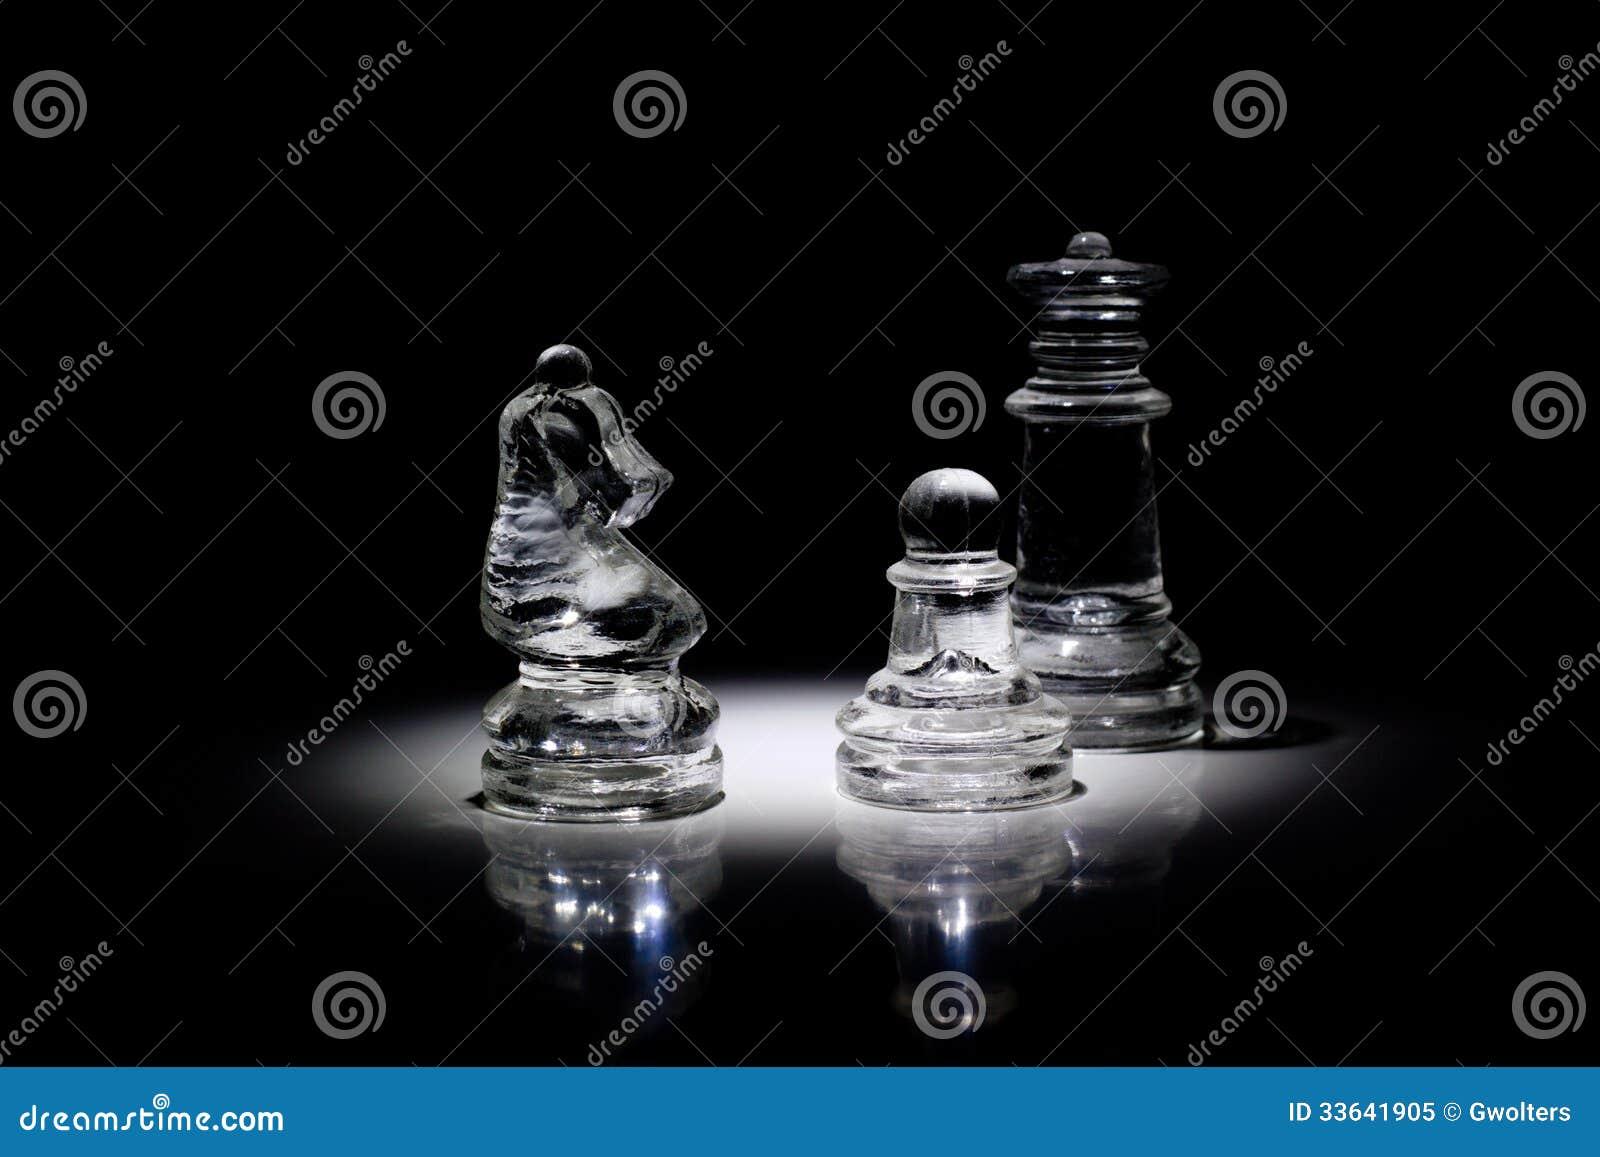 小组在光的西洋棋棋子.图片